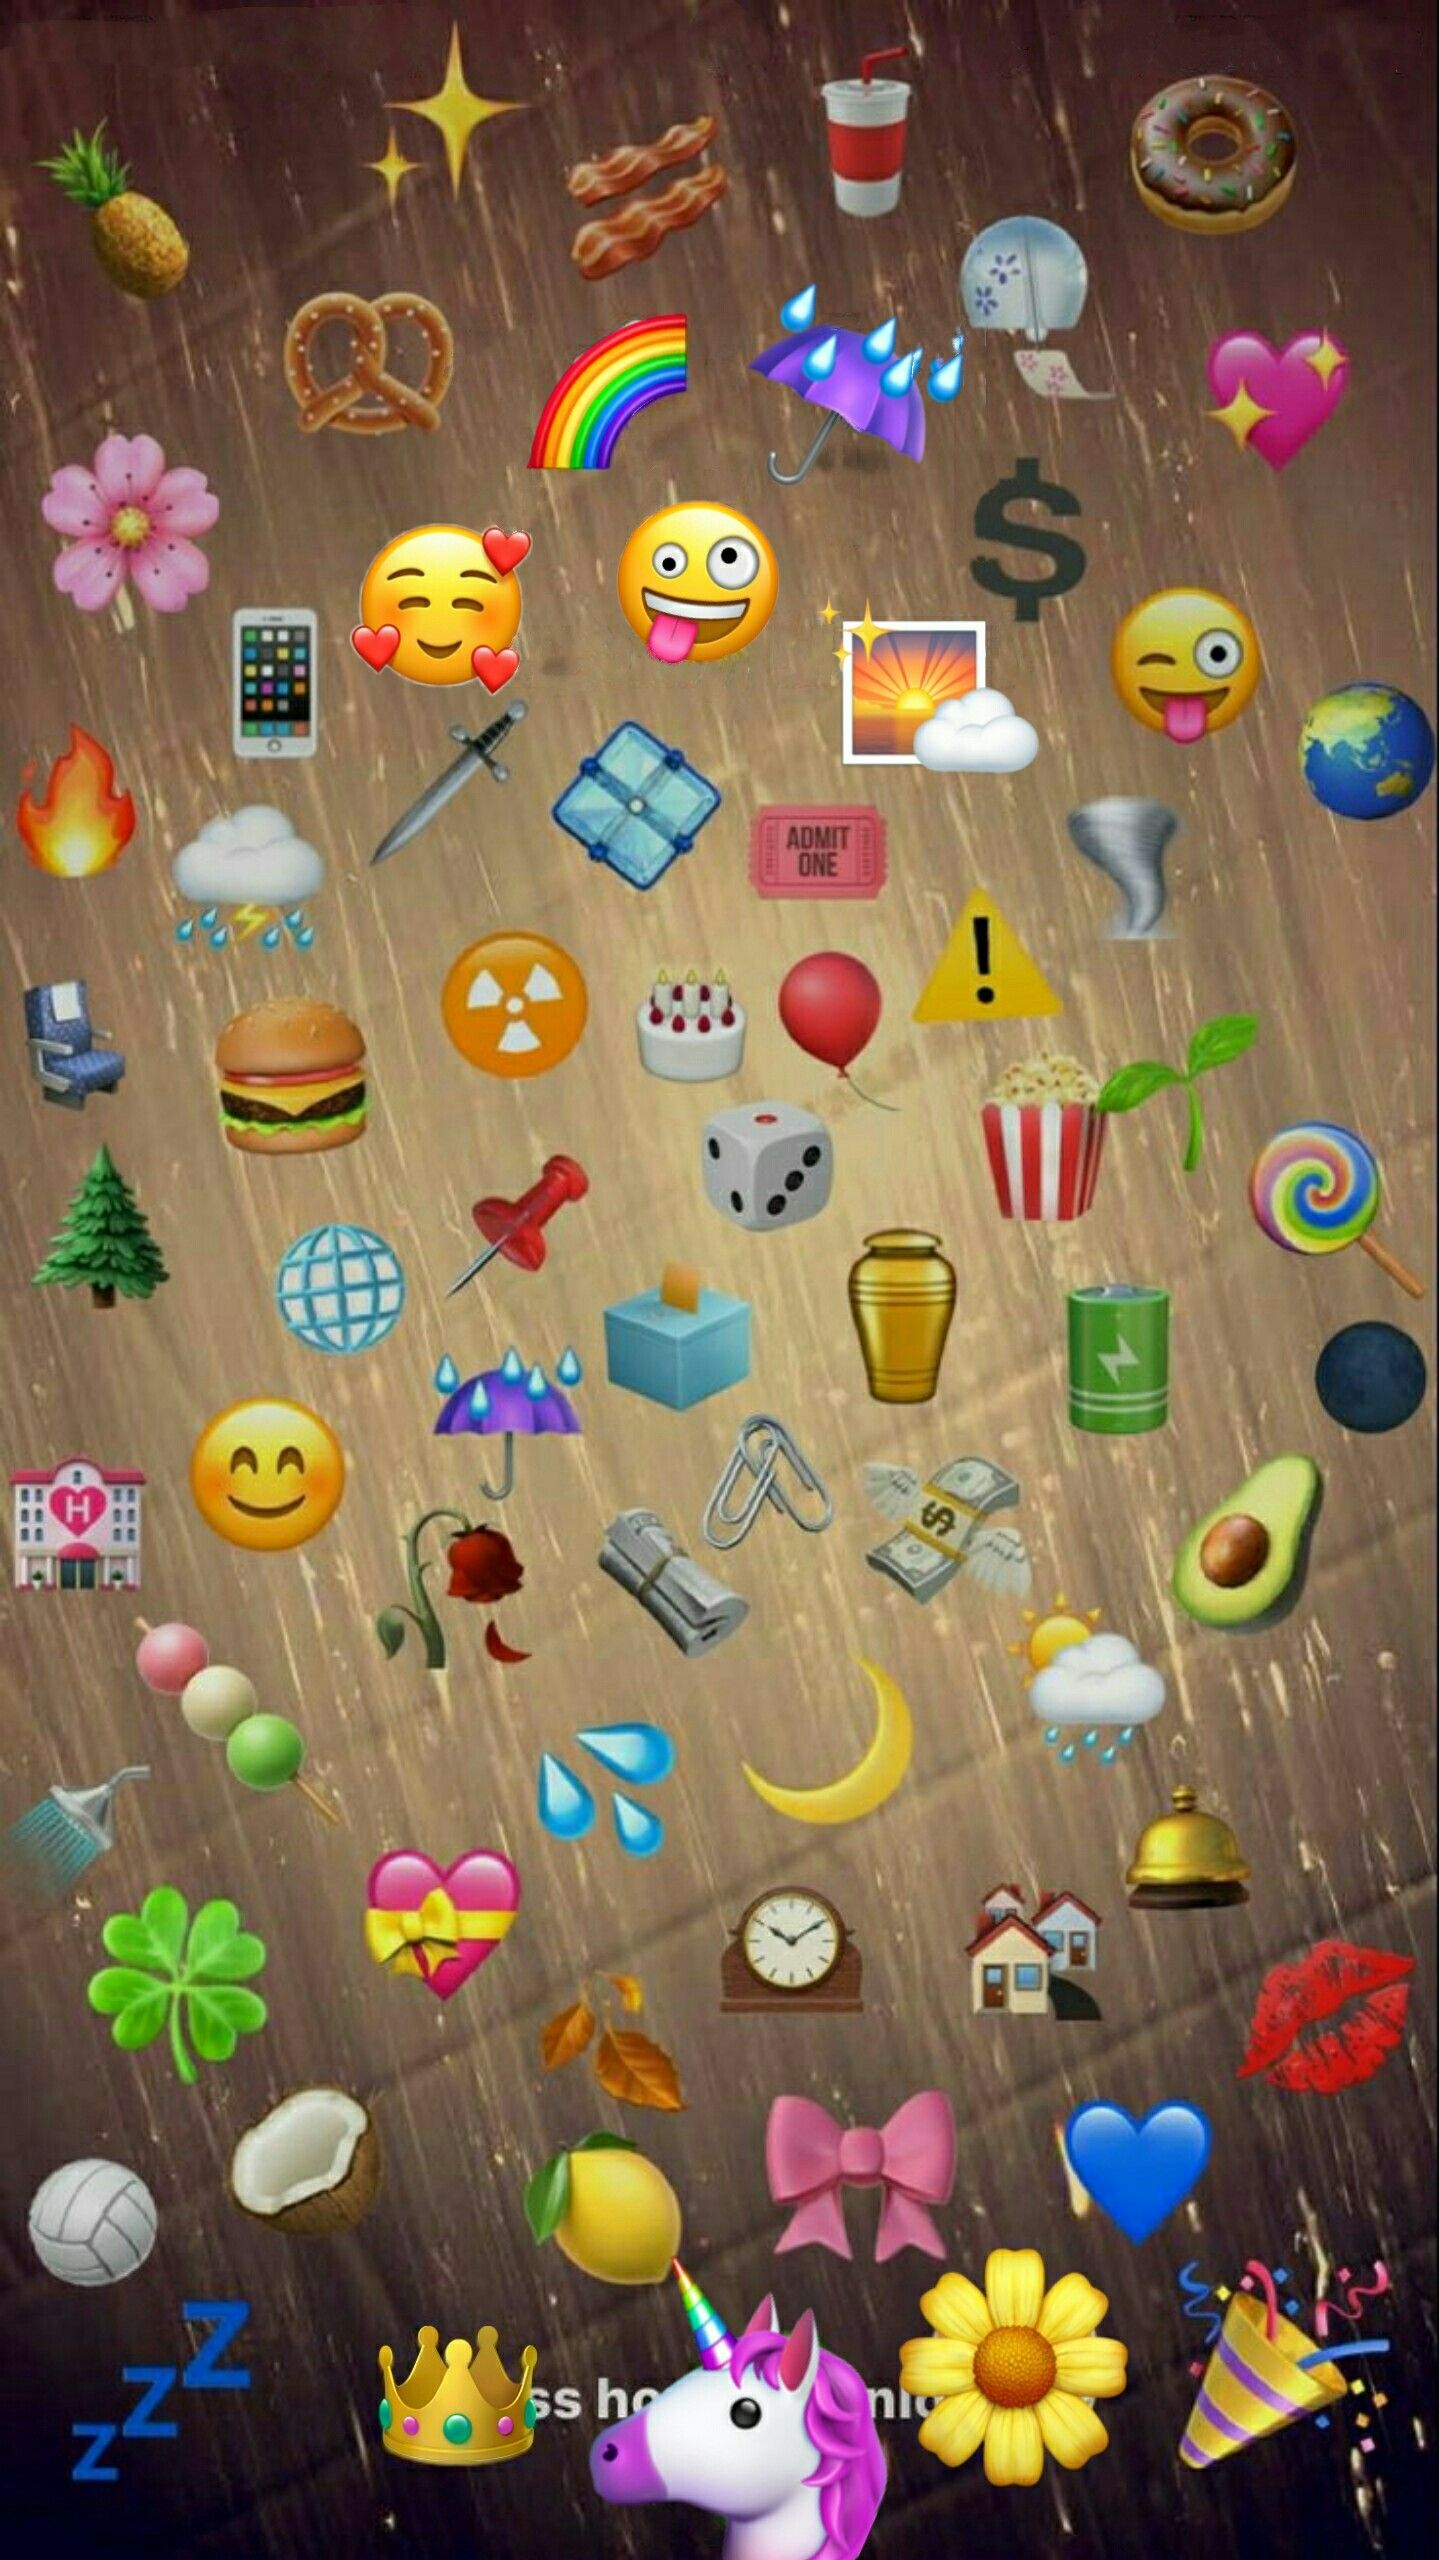 Pin by Sksk Sksk on Sum Emoji wallpaper iphone, Cute